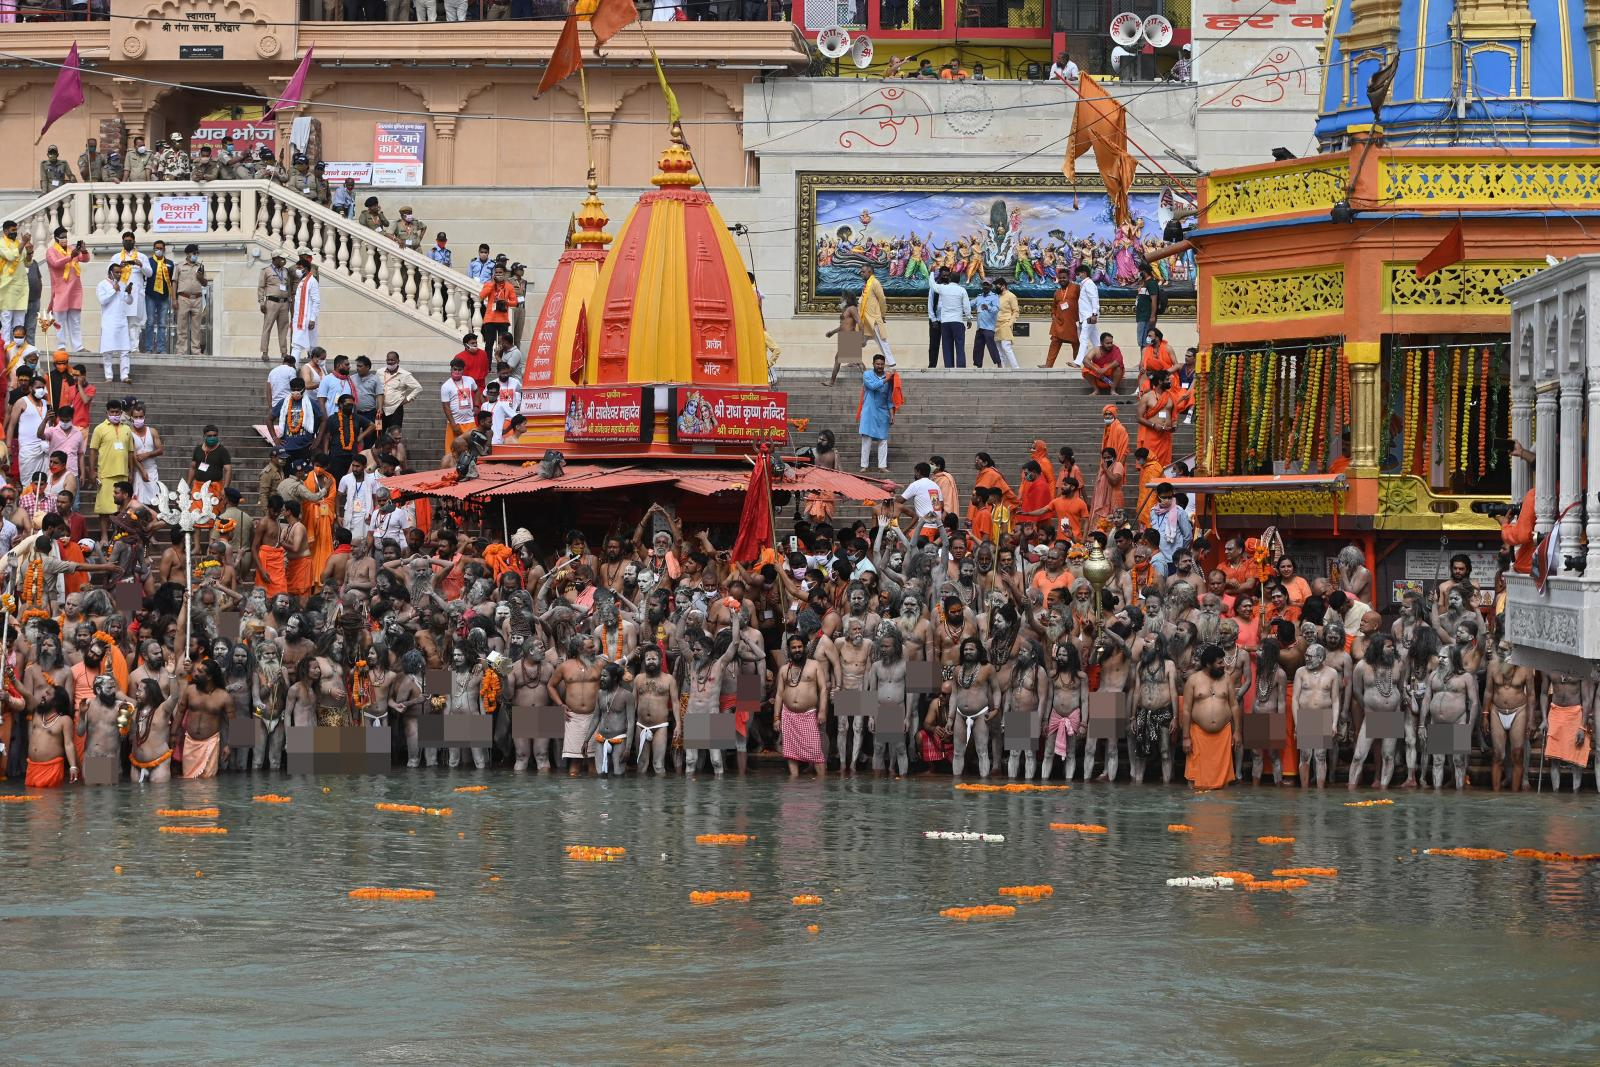 """ชาวอินเดีย """"นับแสน"""" รวมตัวกัน """"ชำระร่างกายเพื่อล้างบาป"""" ในแม่น้ำคงคา"""